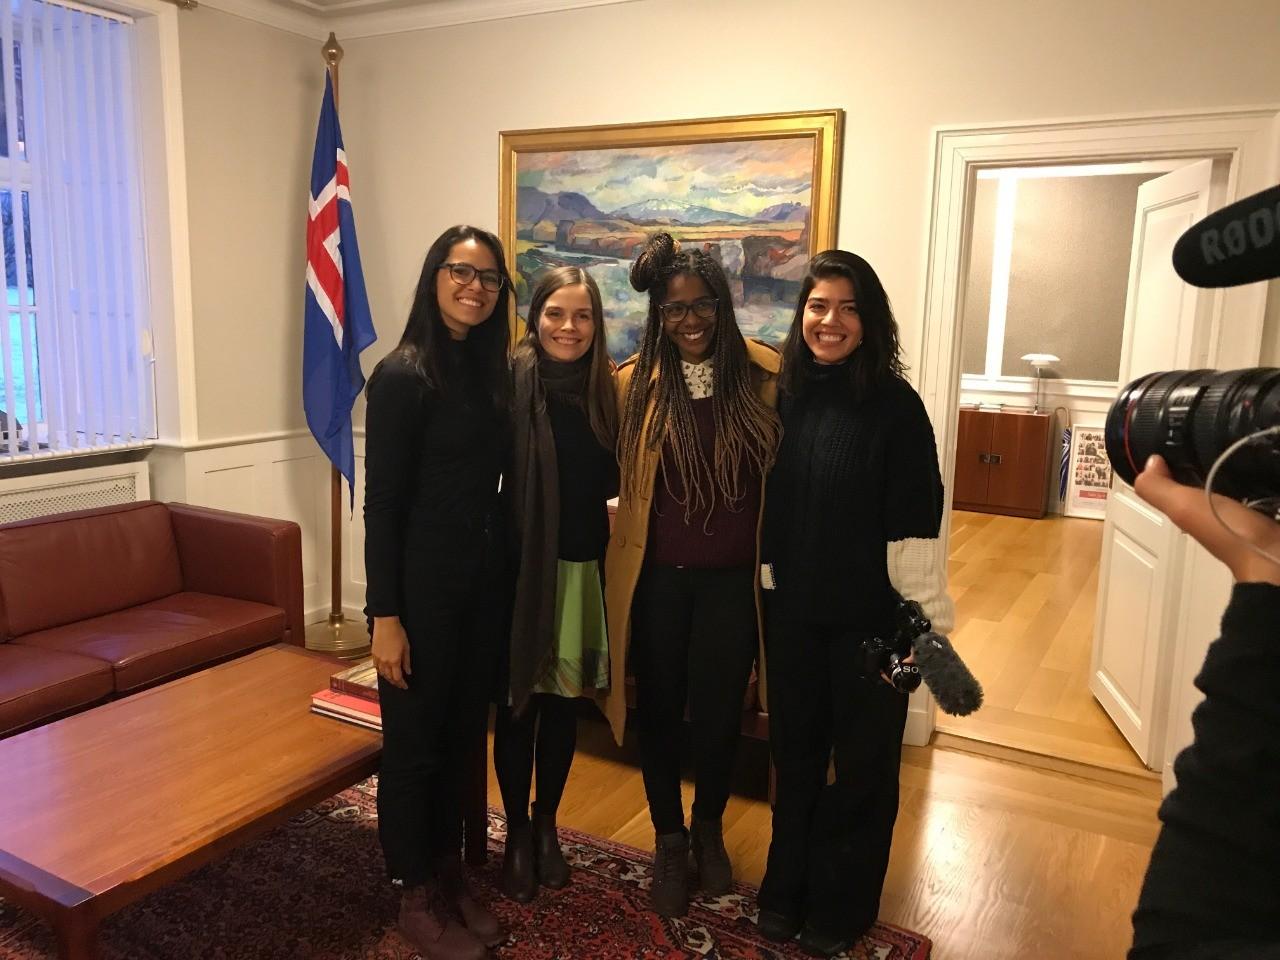 #OFuturoÉFeminino, nova série do GNT, vai mostrar a realidade na Islândia e Paquistão, traçando um paralelo com a realidade brasileira (Foto: Divulgação)